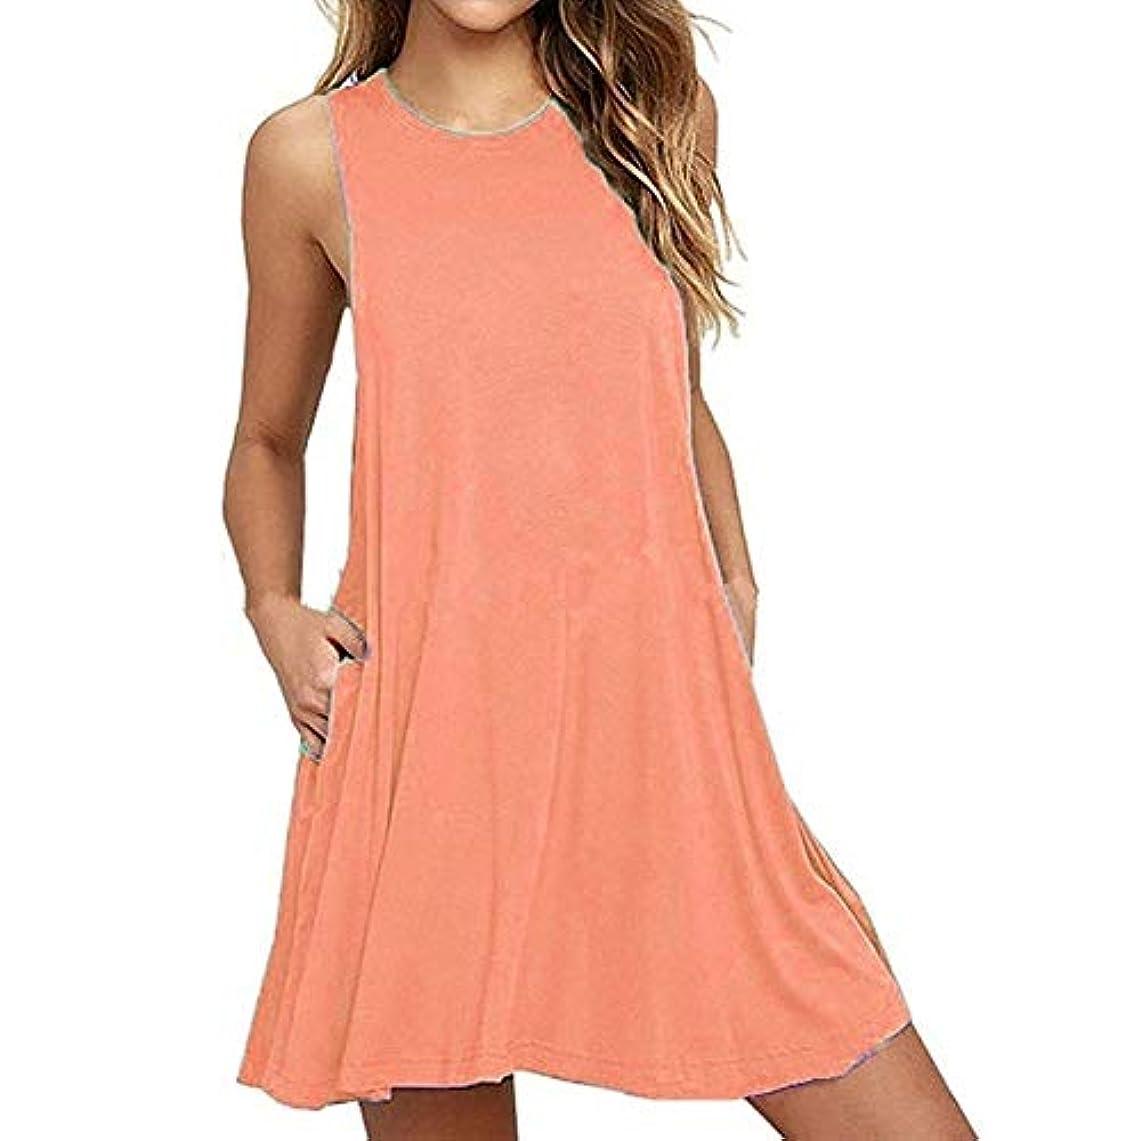 人気のパトロン気味の悪いMIFAN 人の女性のドレス、プラスサイズのドレス、ノースリーブのドレス、ミニドレス、ホルタードレス、コットンドレス